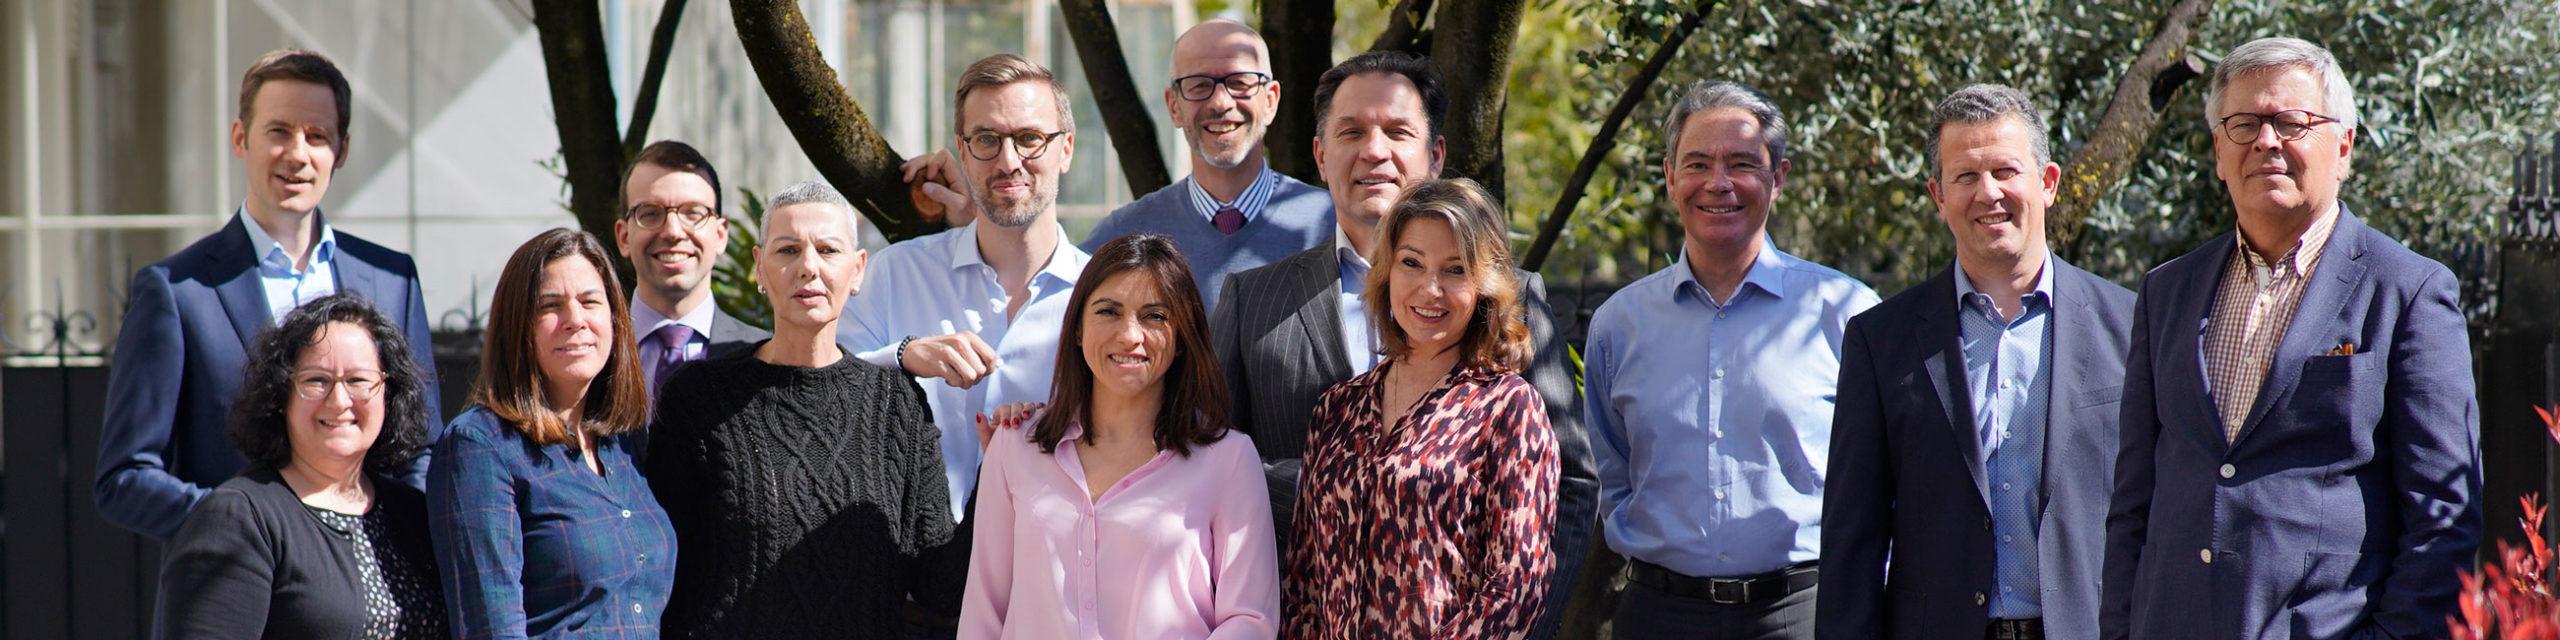 nextgen-wealth-managers-team